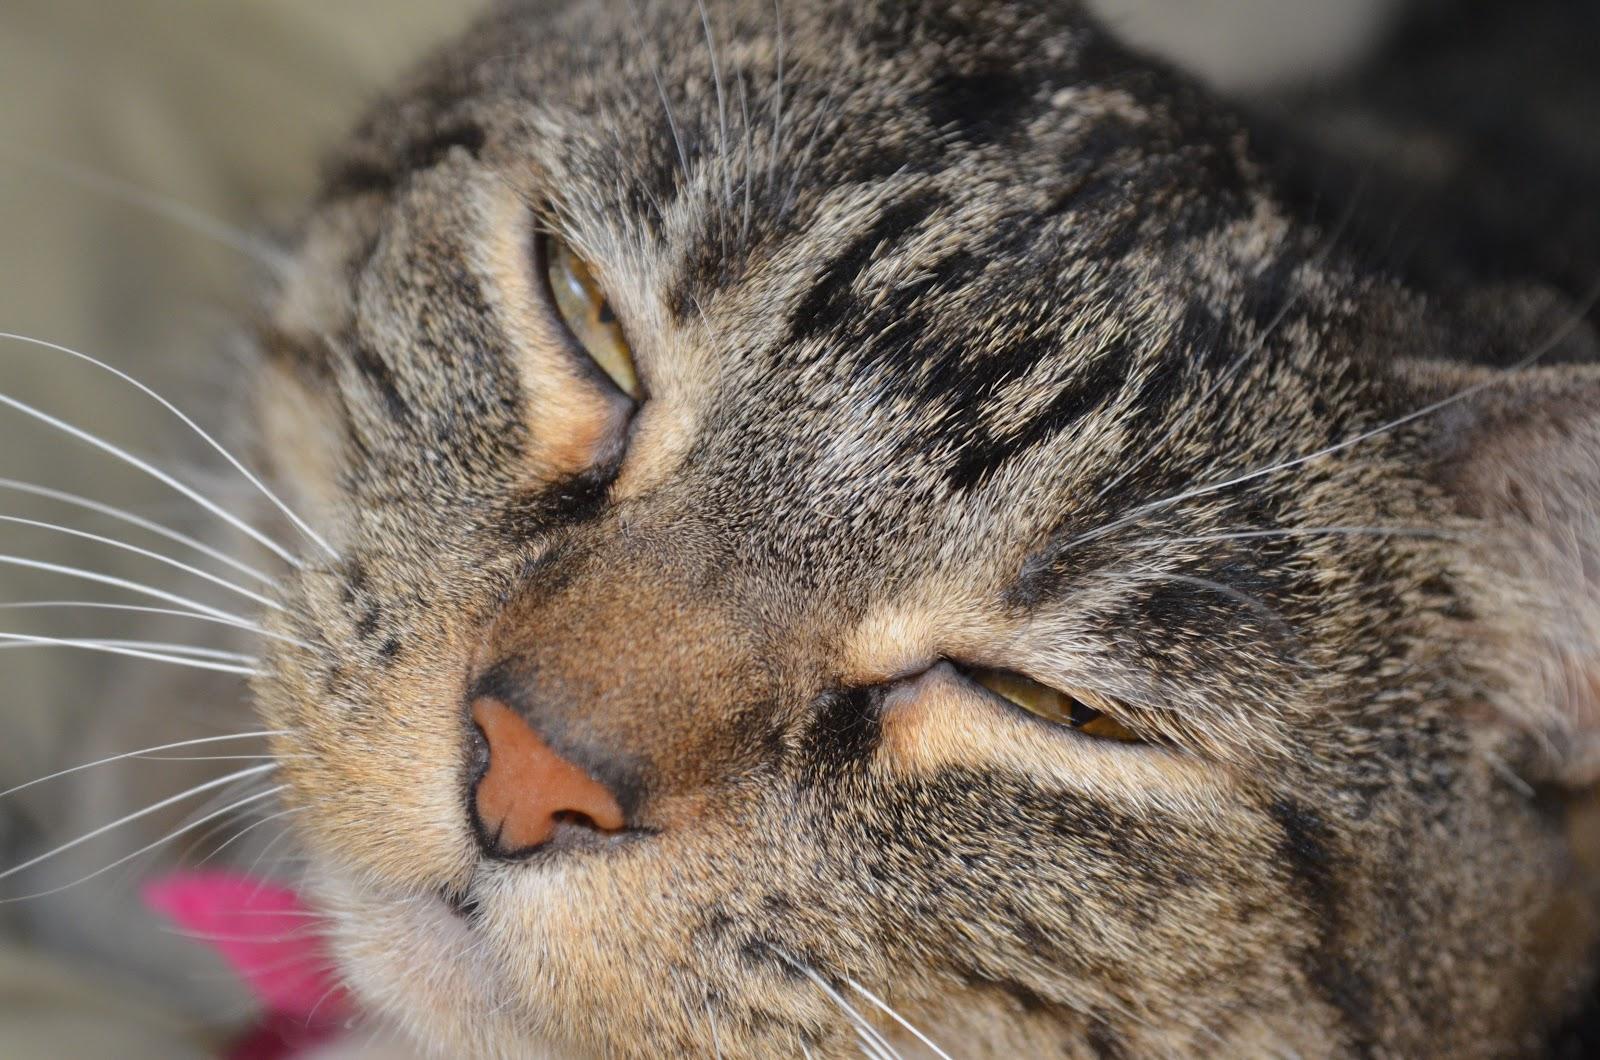 Cat blinking